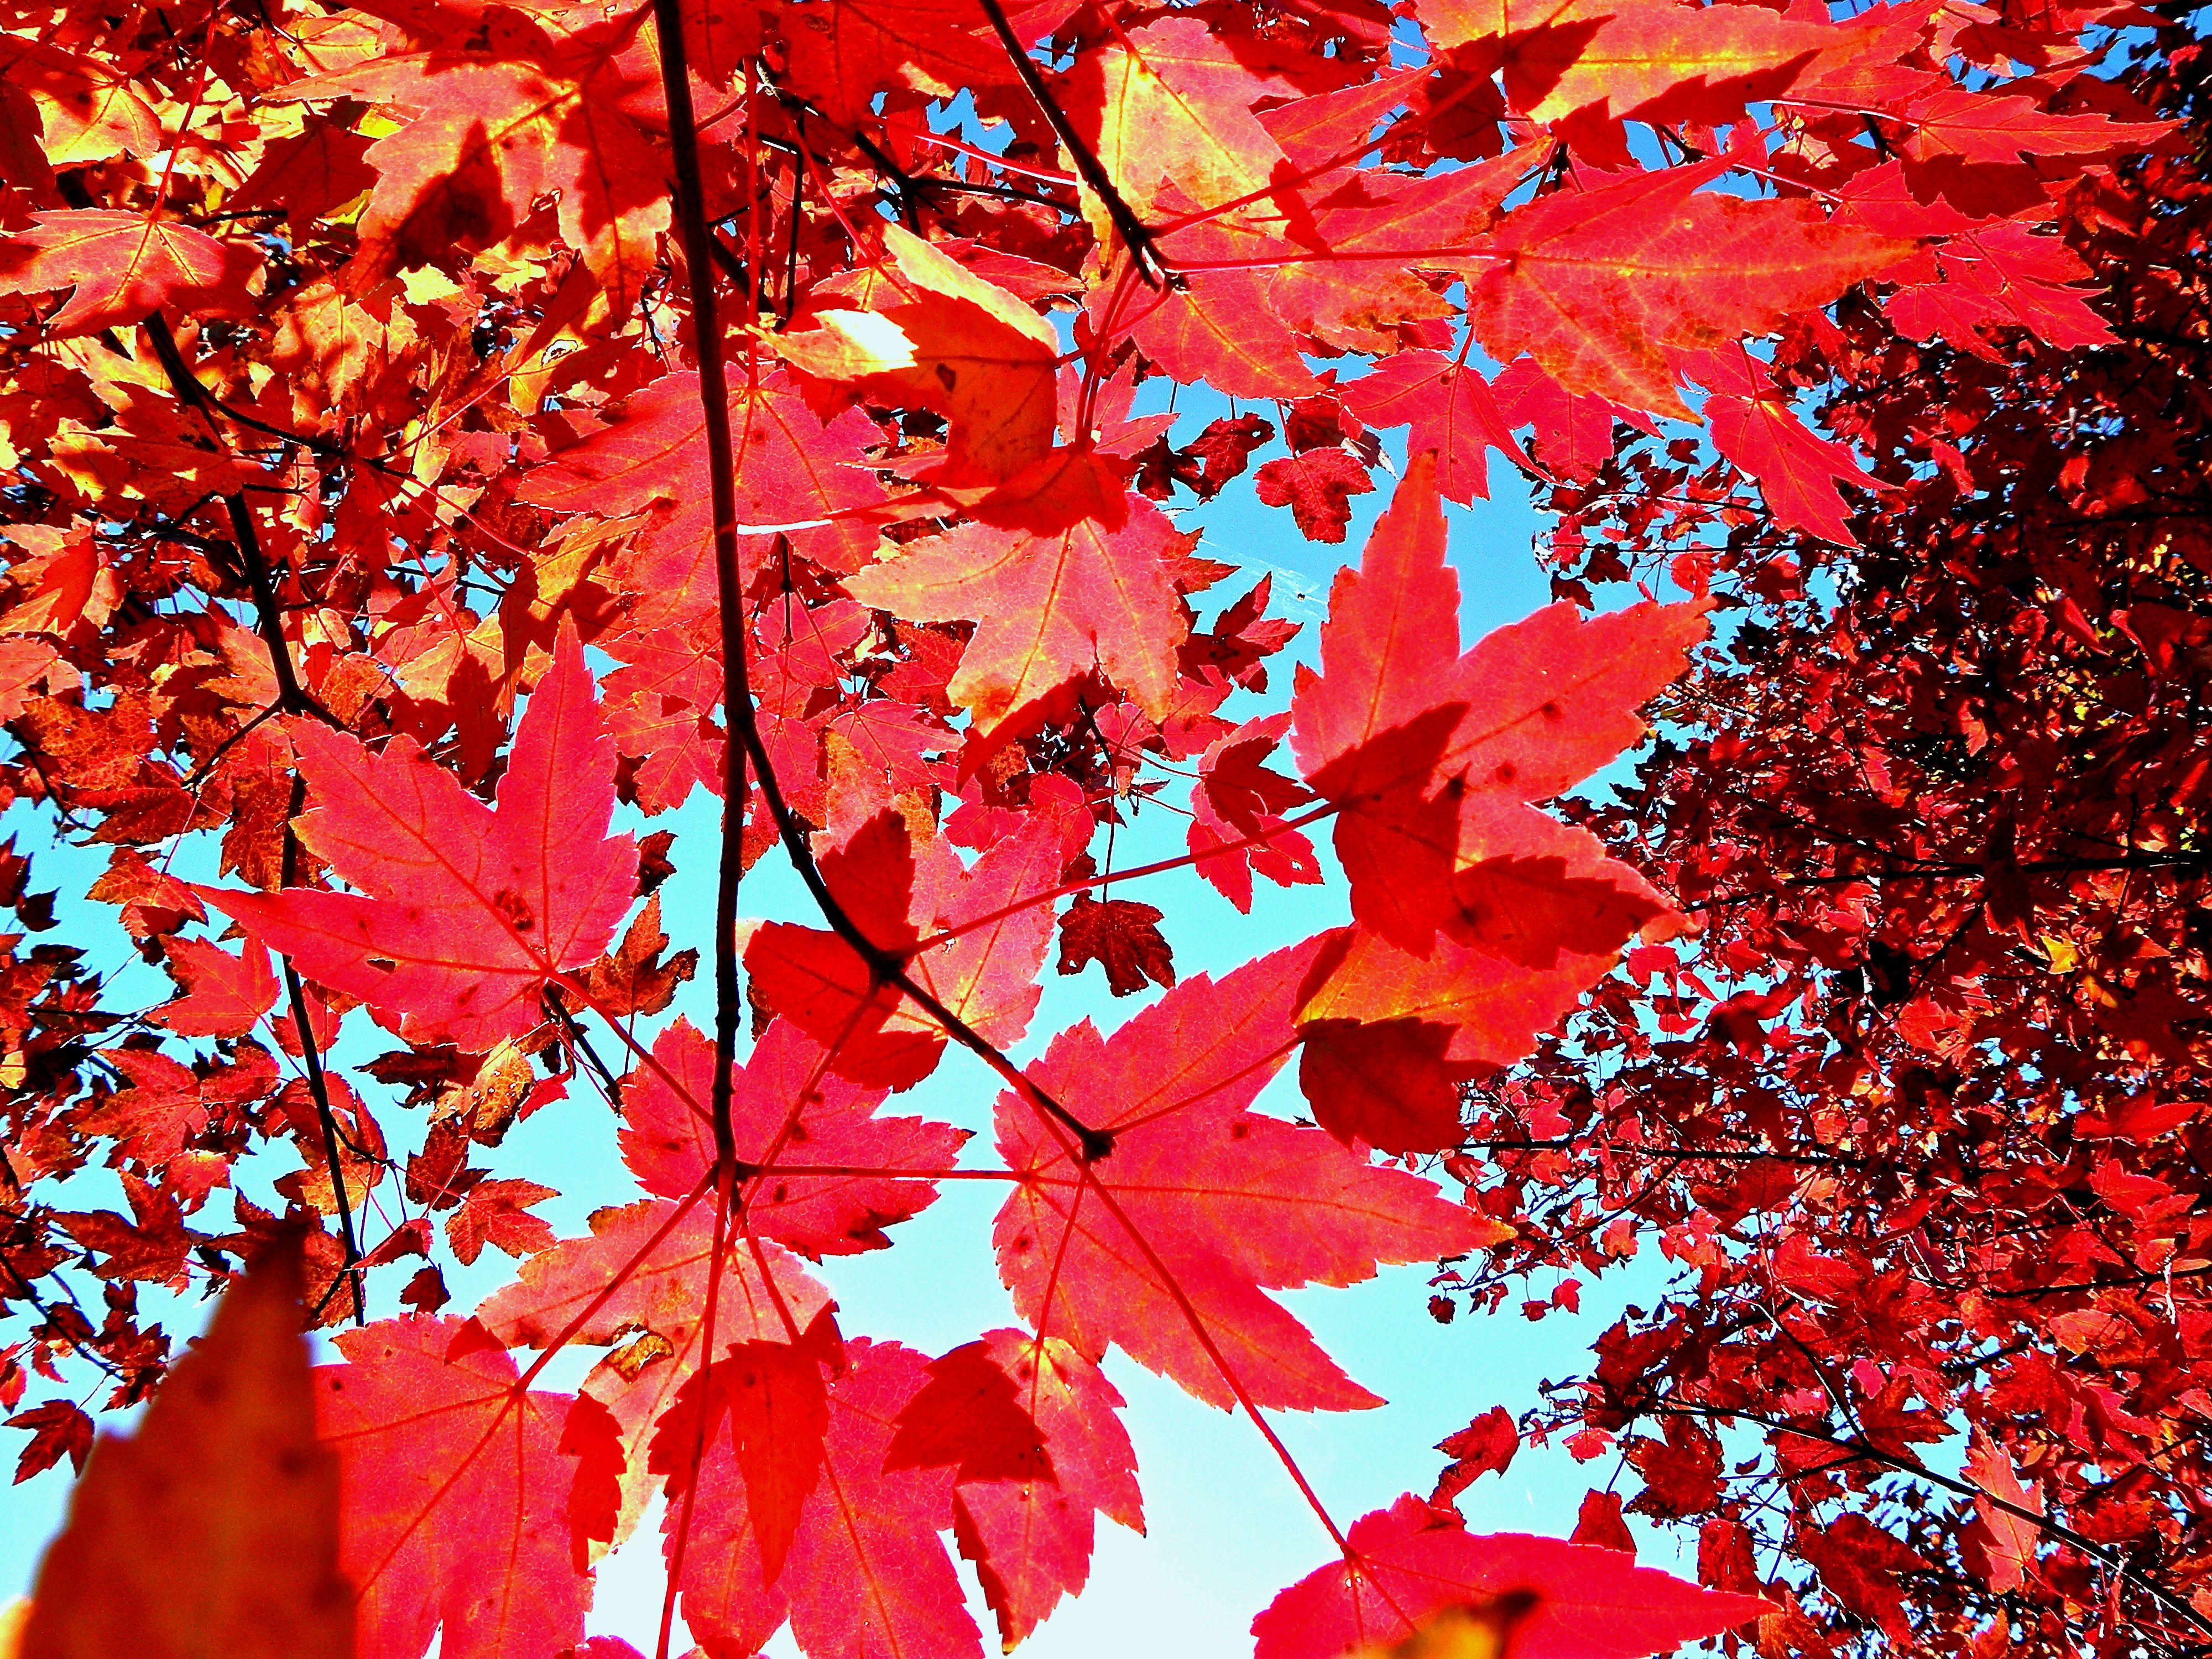 Autumn Leaves Background Tumblr wallpaper. Folhas de